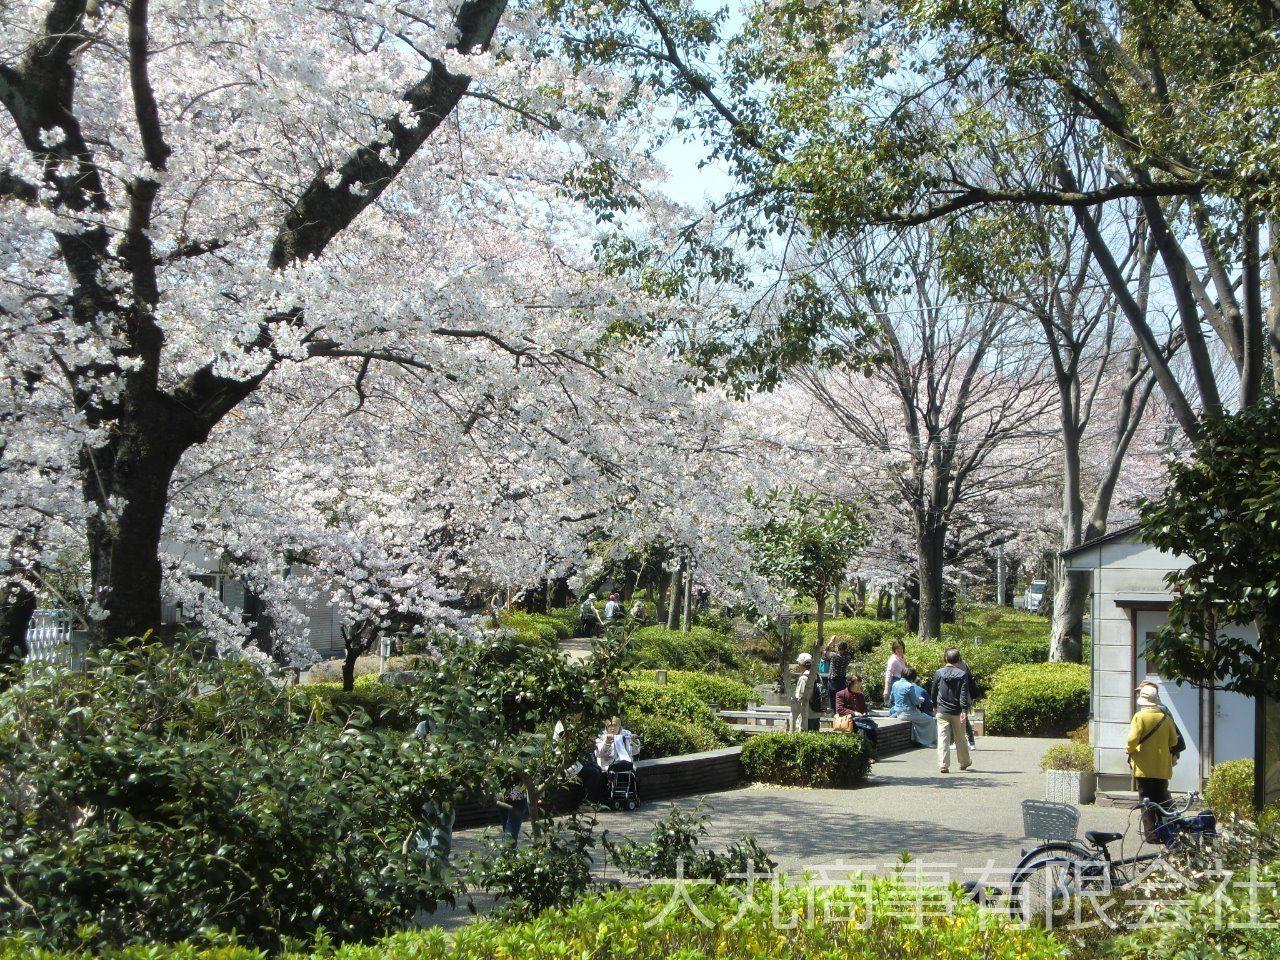 春には桜がきれい咲きます。ウォーキングやジョギングにも最適です。